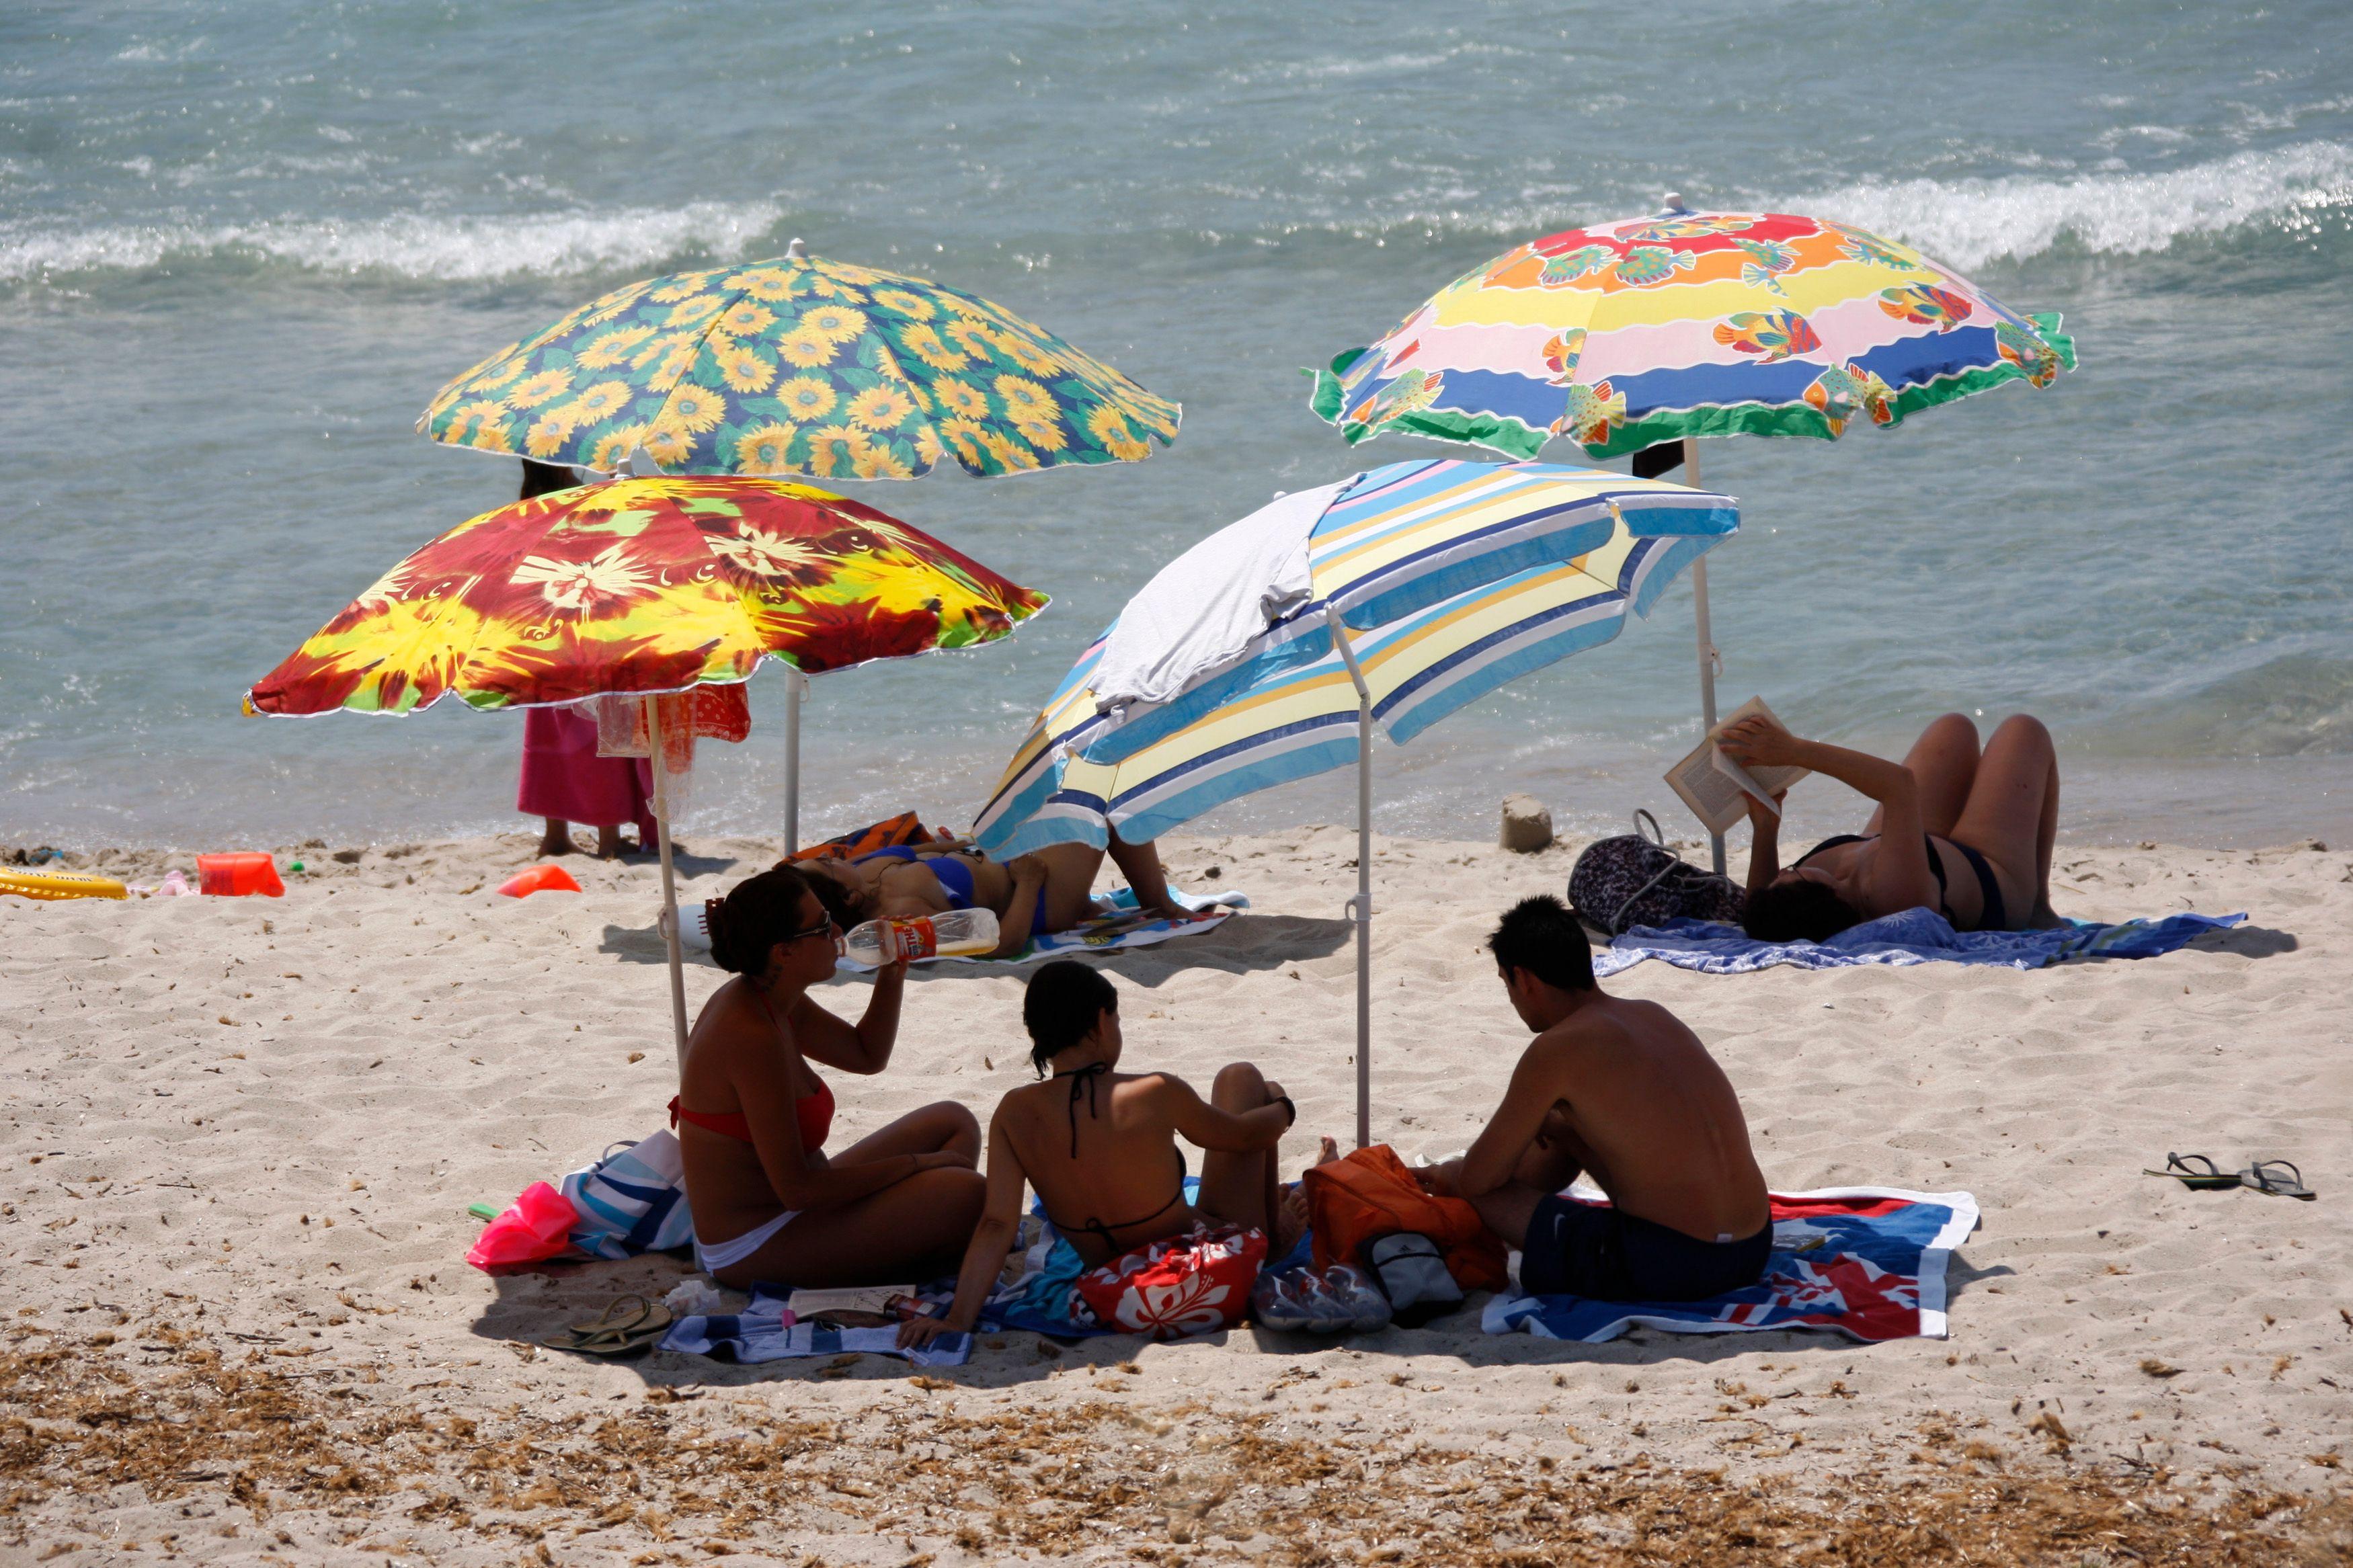 Selon une étude de l'INSEE sur les congés des Français en 2010 publiée fin 2012, les Français prennent en moyenne 6 semaines de vacances par an